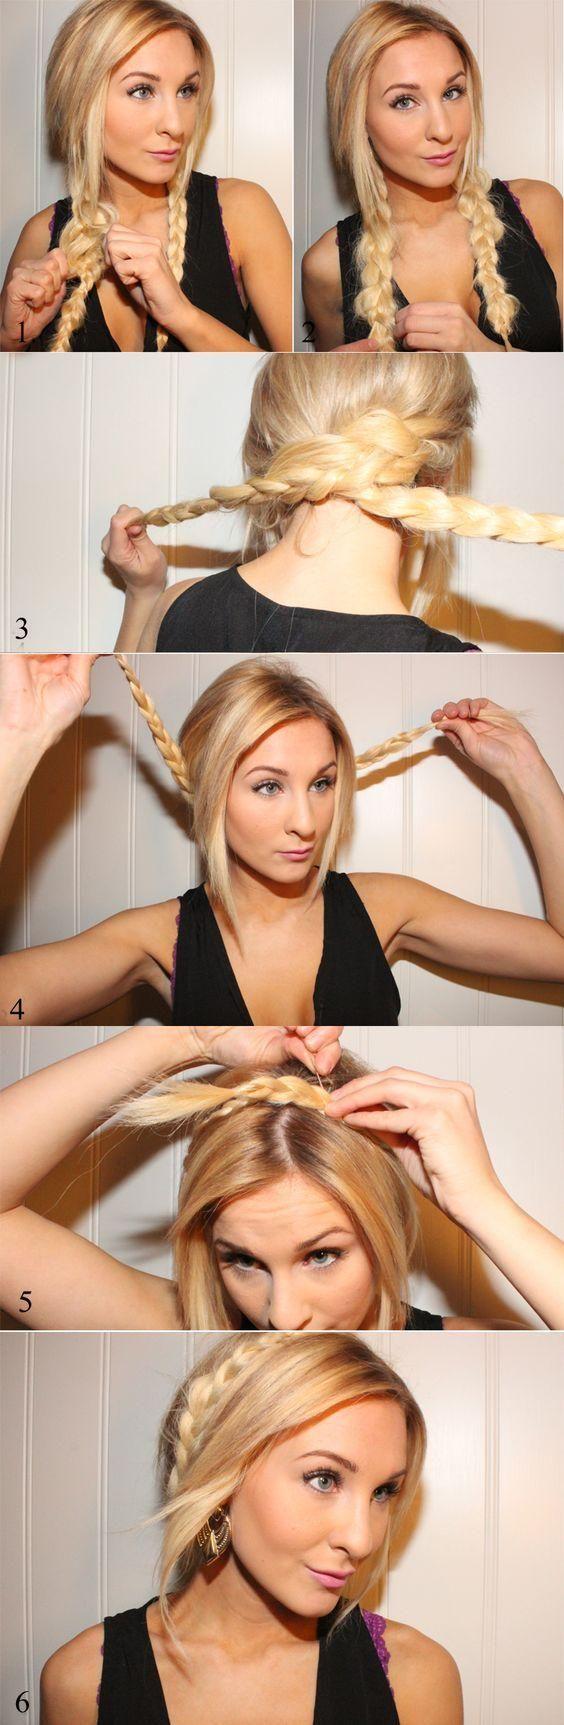 EASY KNITTING KNOB MODEL FOR LONG HAIRS